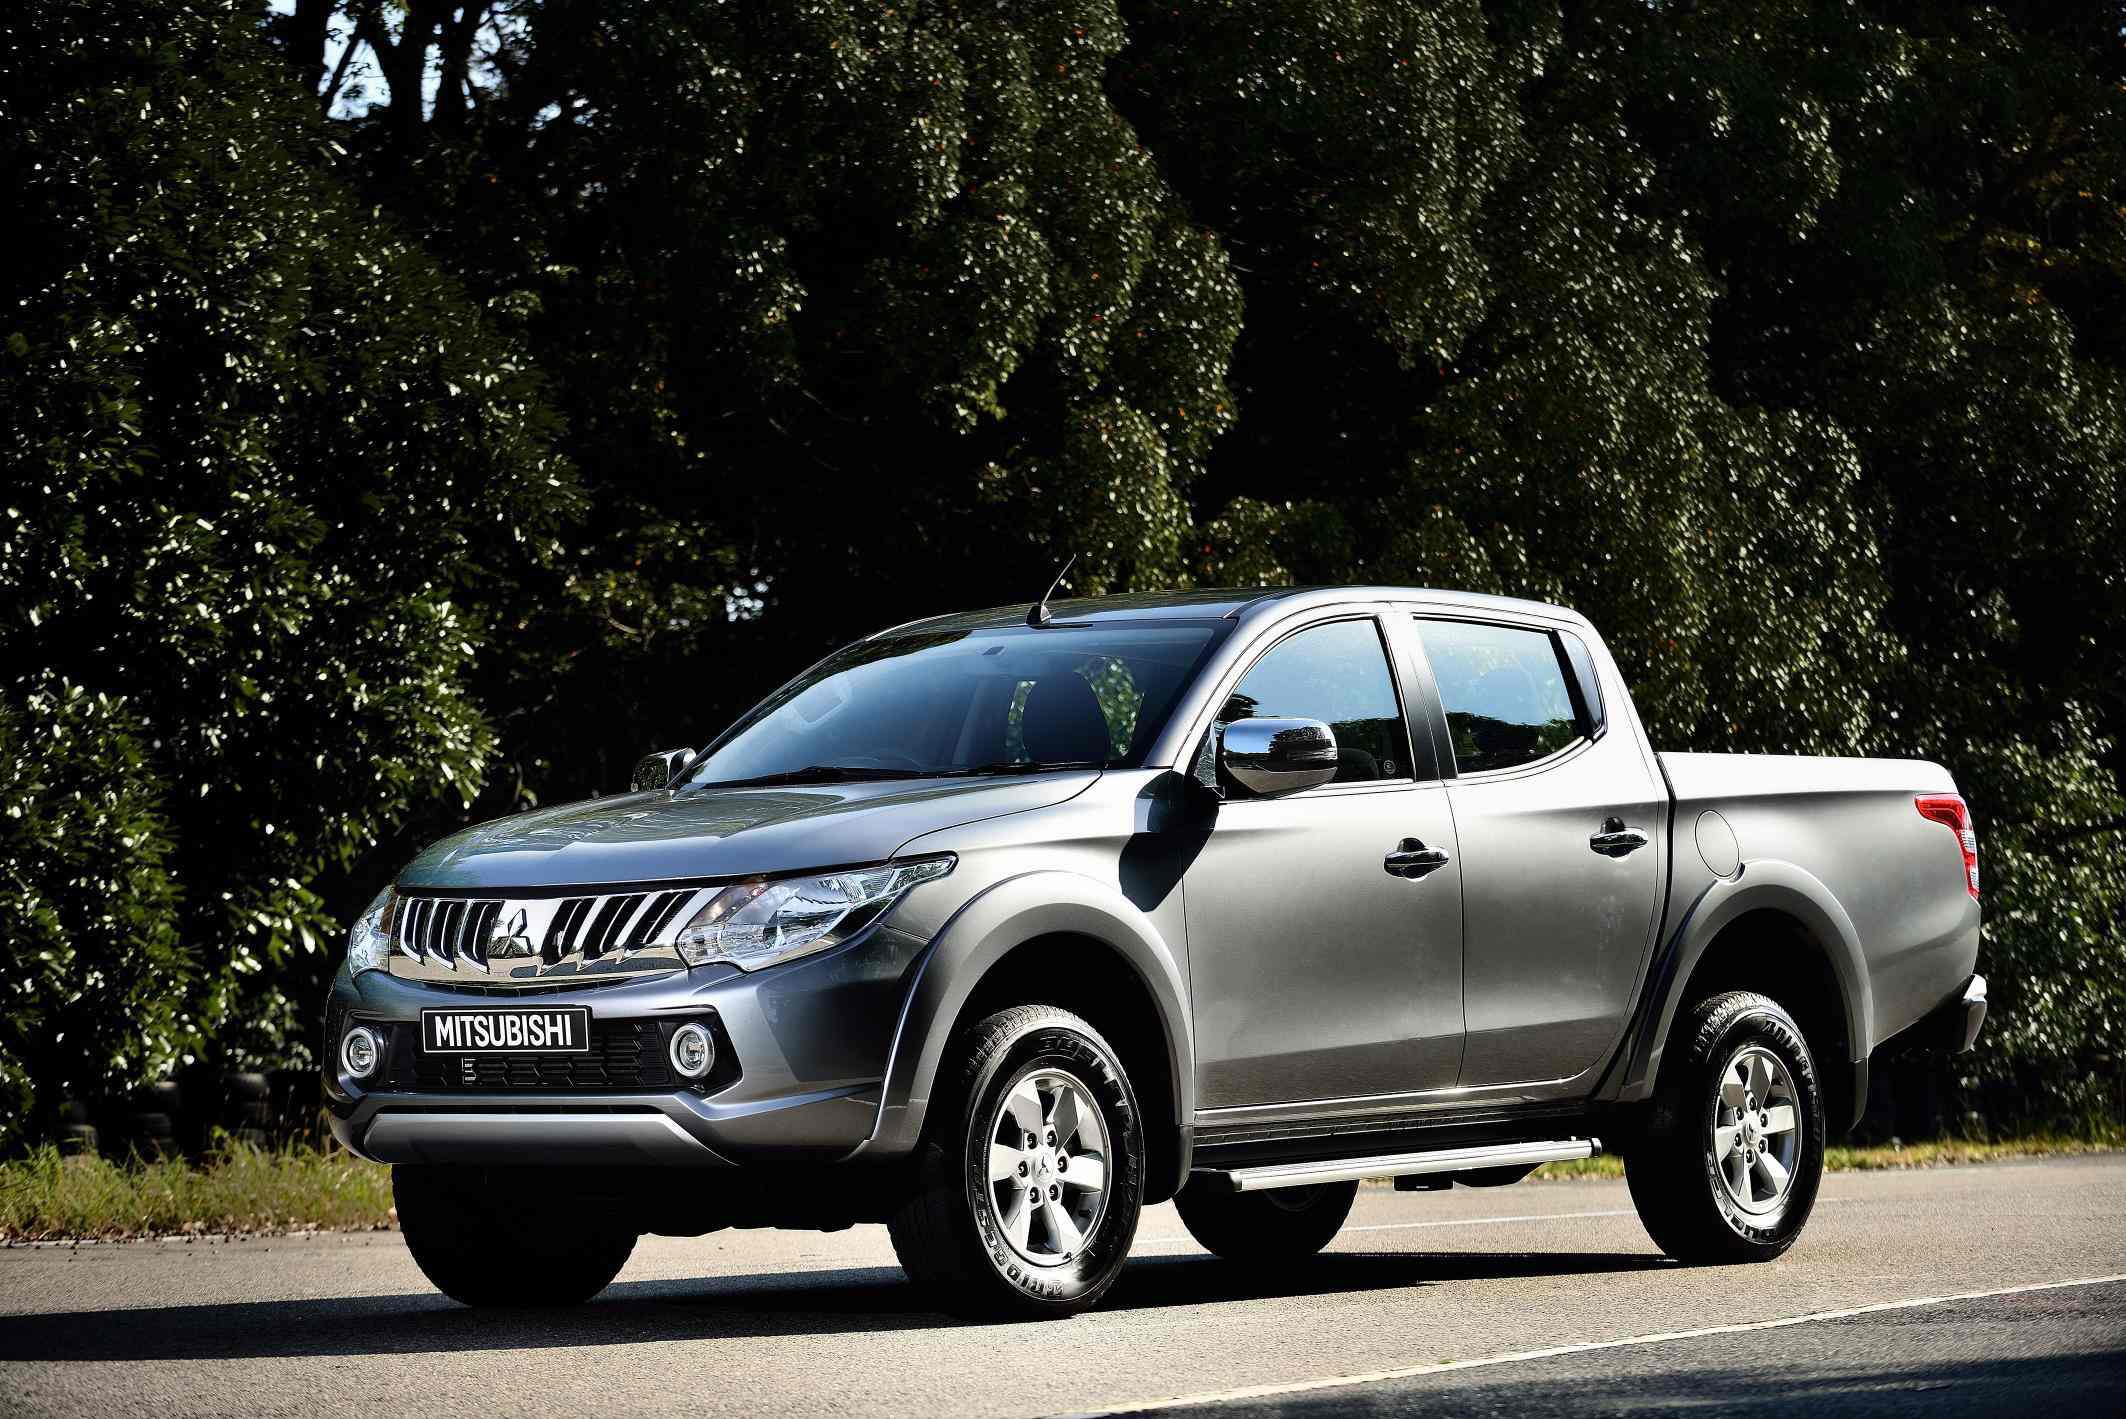 carscoops show trucks debuting the motor all pickup geneva mitsubishi triton at new